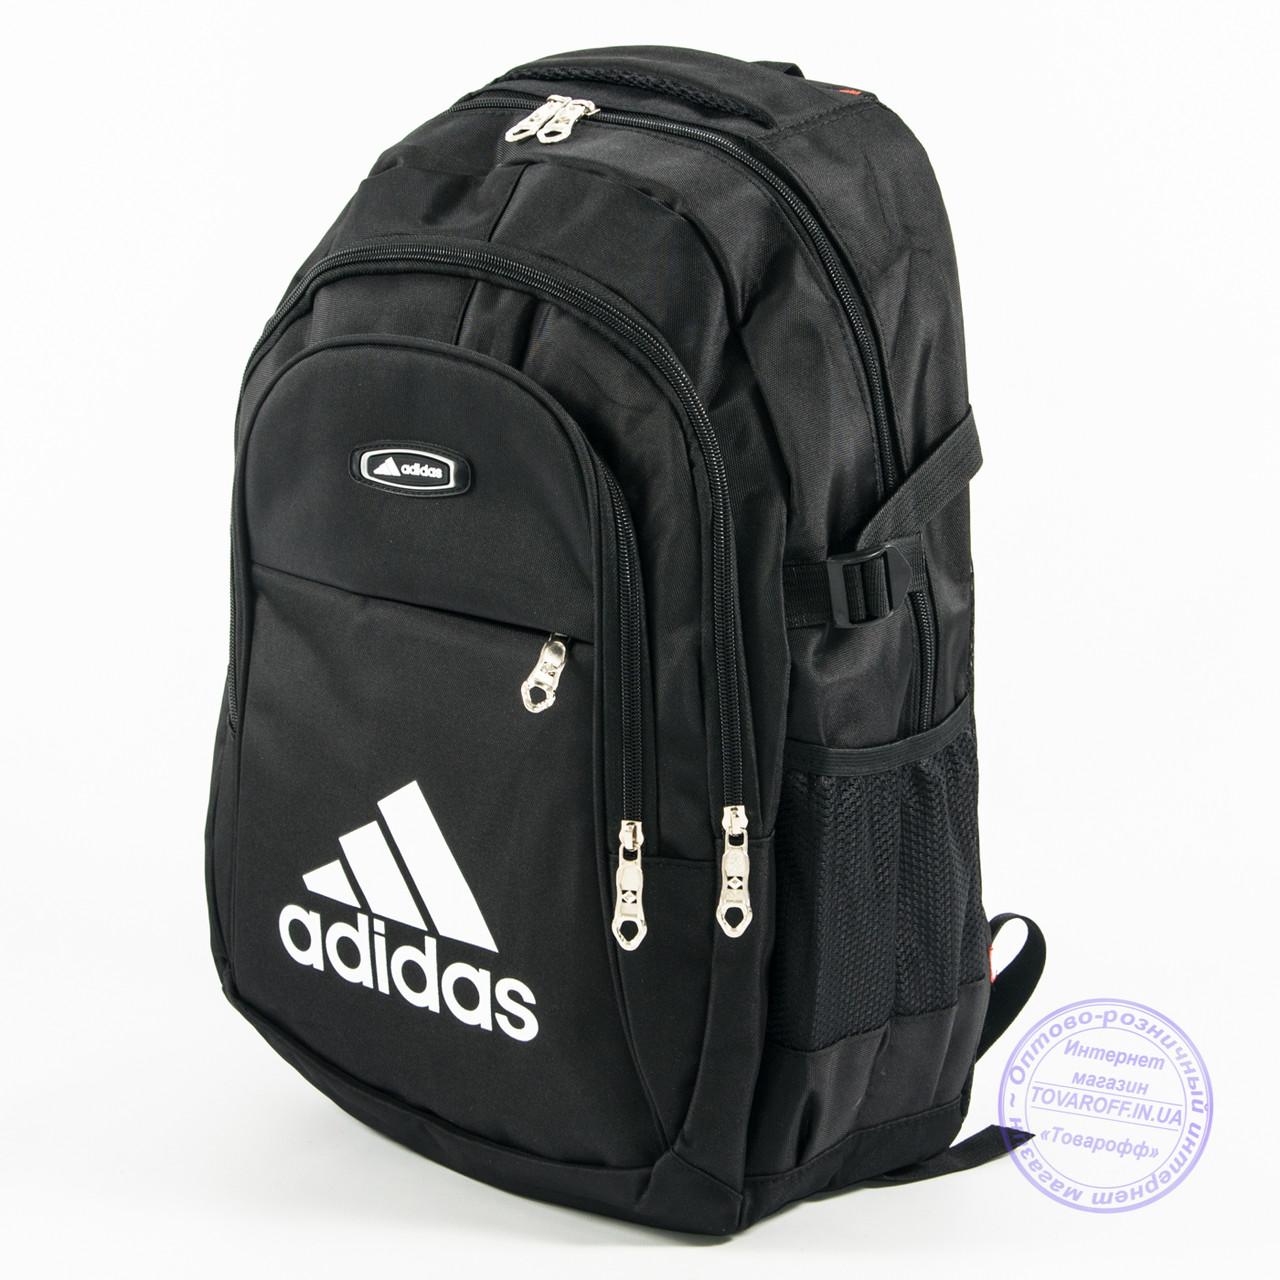 Интернет магазин спортивных рюкзаков адидас как прицепить шлем к рюкзаку